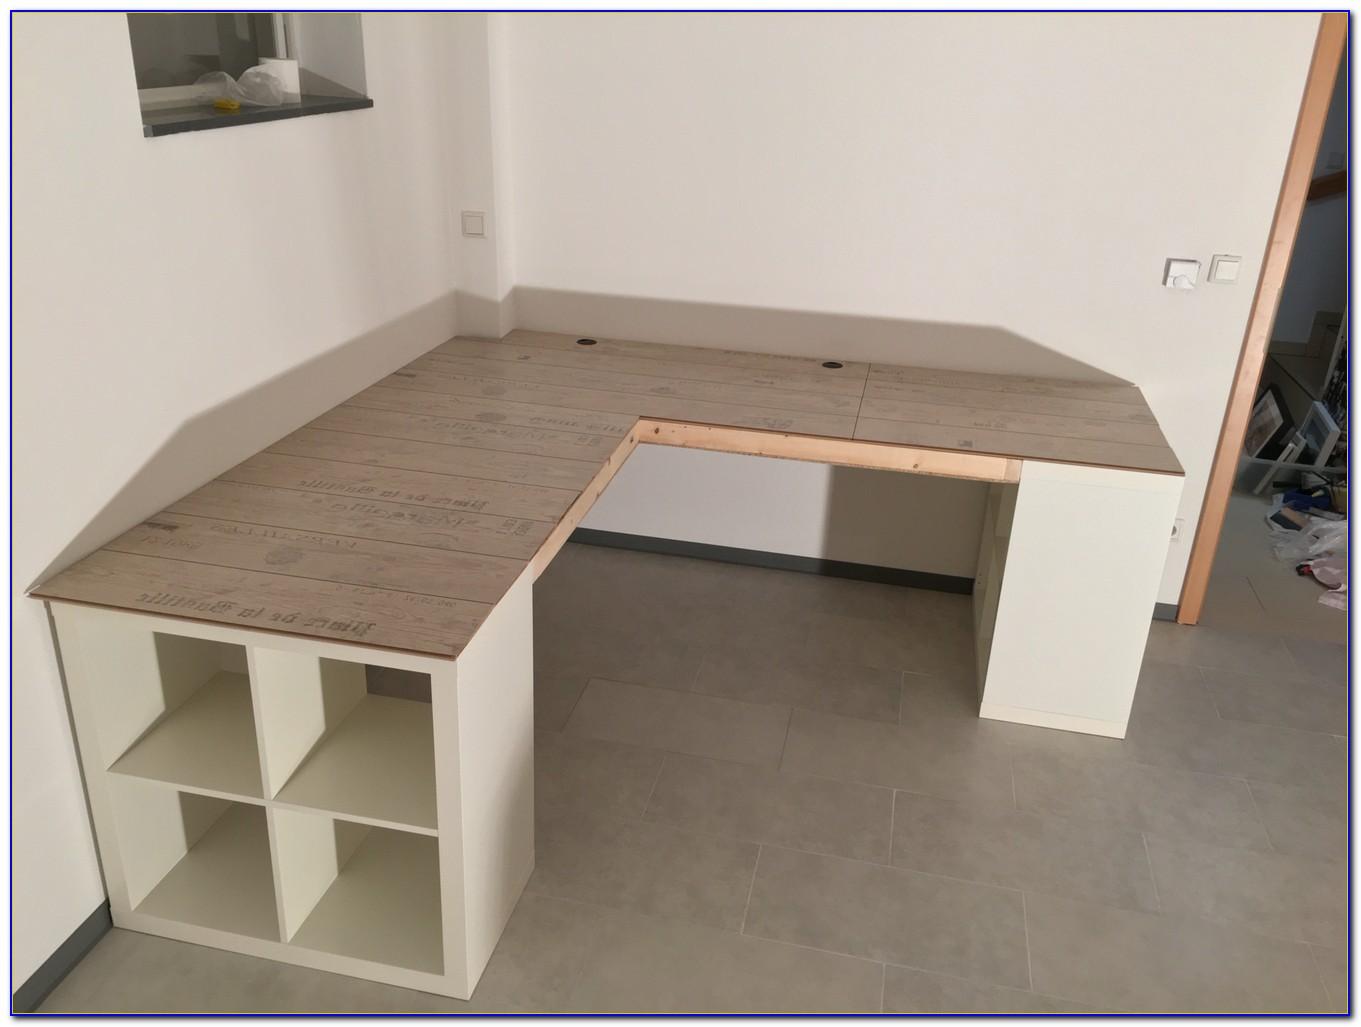 Full Size of Ikea Apothekerschrank Schreibtisch Unterschrank Dolce Vizio Tiramisu Küche Kosten Sofa Mit Schlaffunktion Betten 160x200 Kaufen Miniküche Bei Modulküche Wohnzimmer Ikea Apothekerschrank